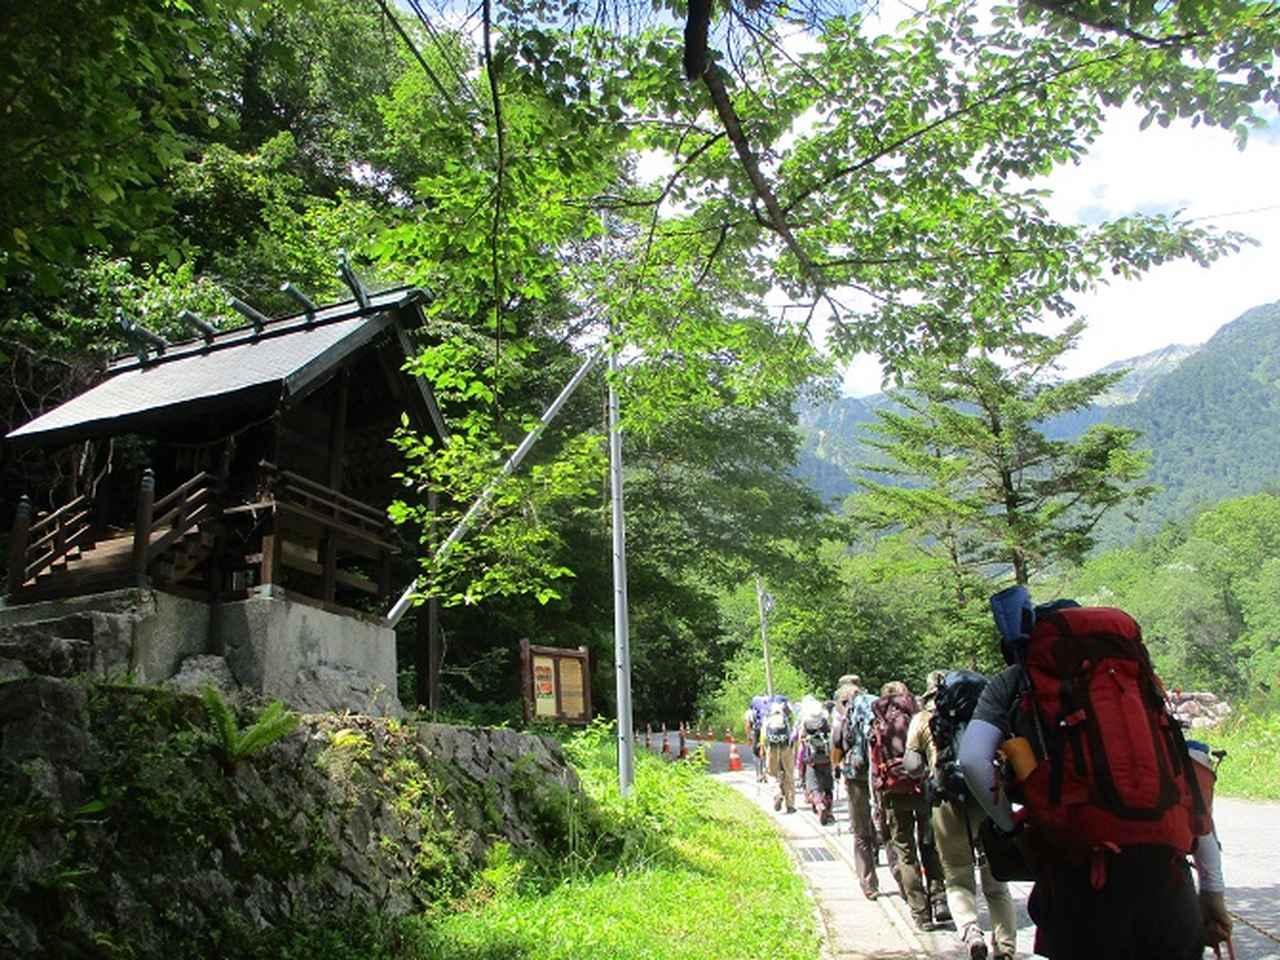 画像1: 8月1日から岡田ガイドのコースで 「ゆっくり歩く鏡平と弓折岳」 のツアーへ行ってきました!